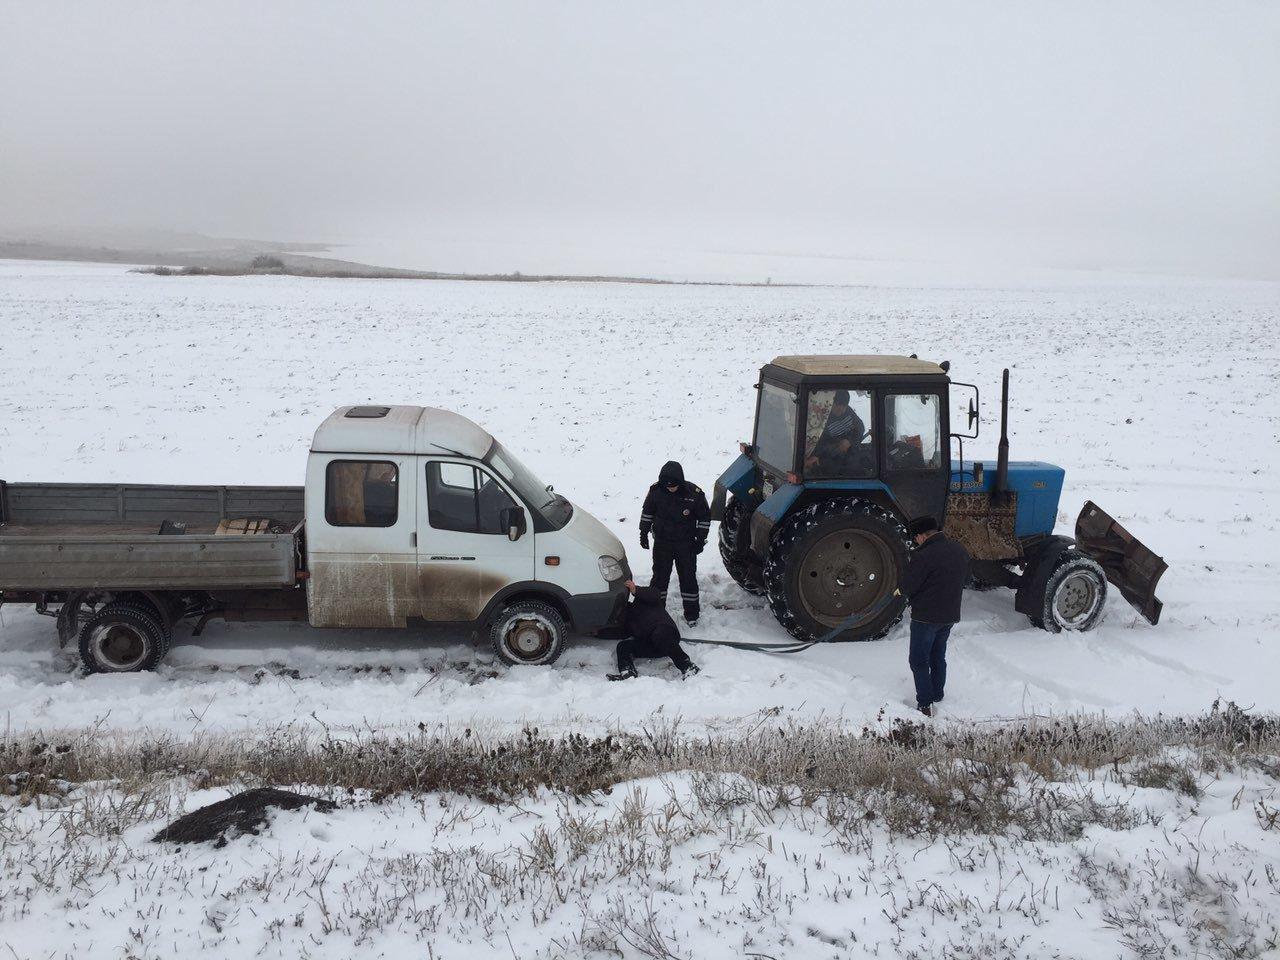 В Губкине инспекторы ДПС помогли замерзающему водителю, фото-1